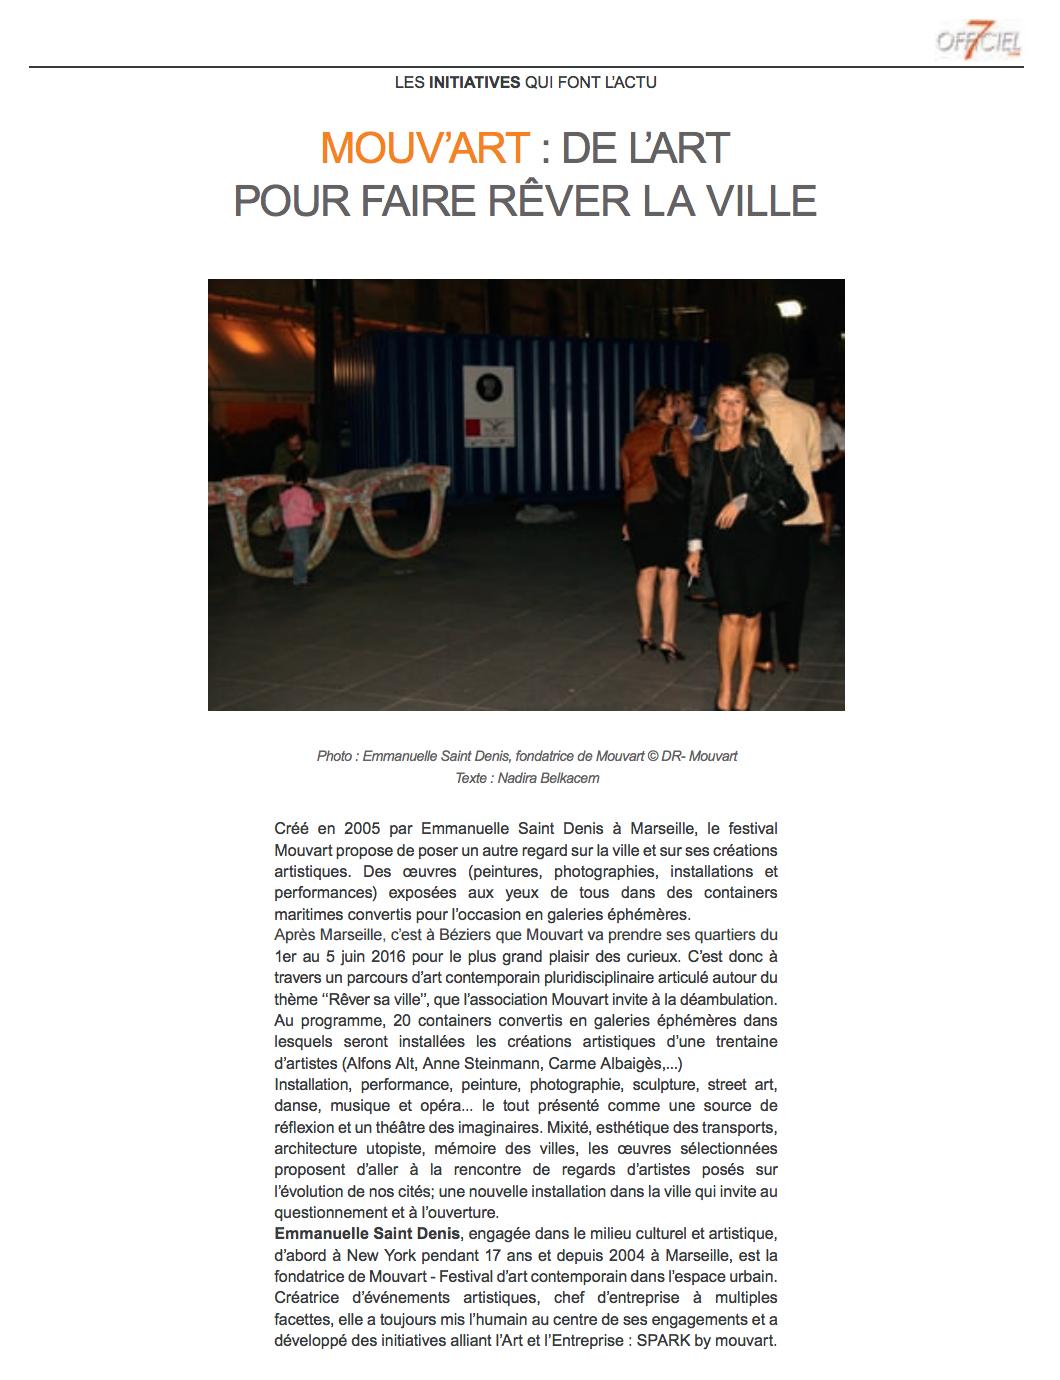 revue de presse 7Officiel pour Mouvart